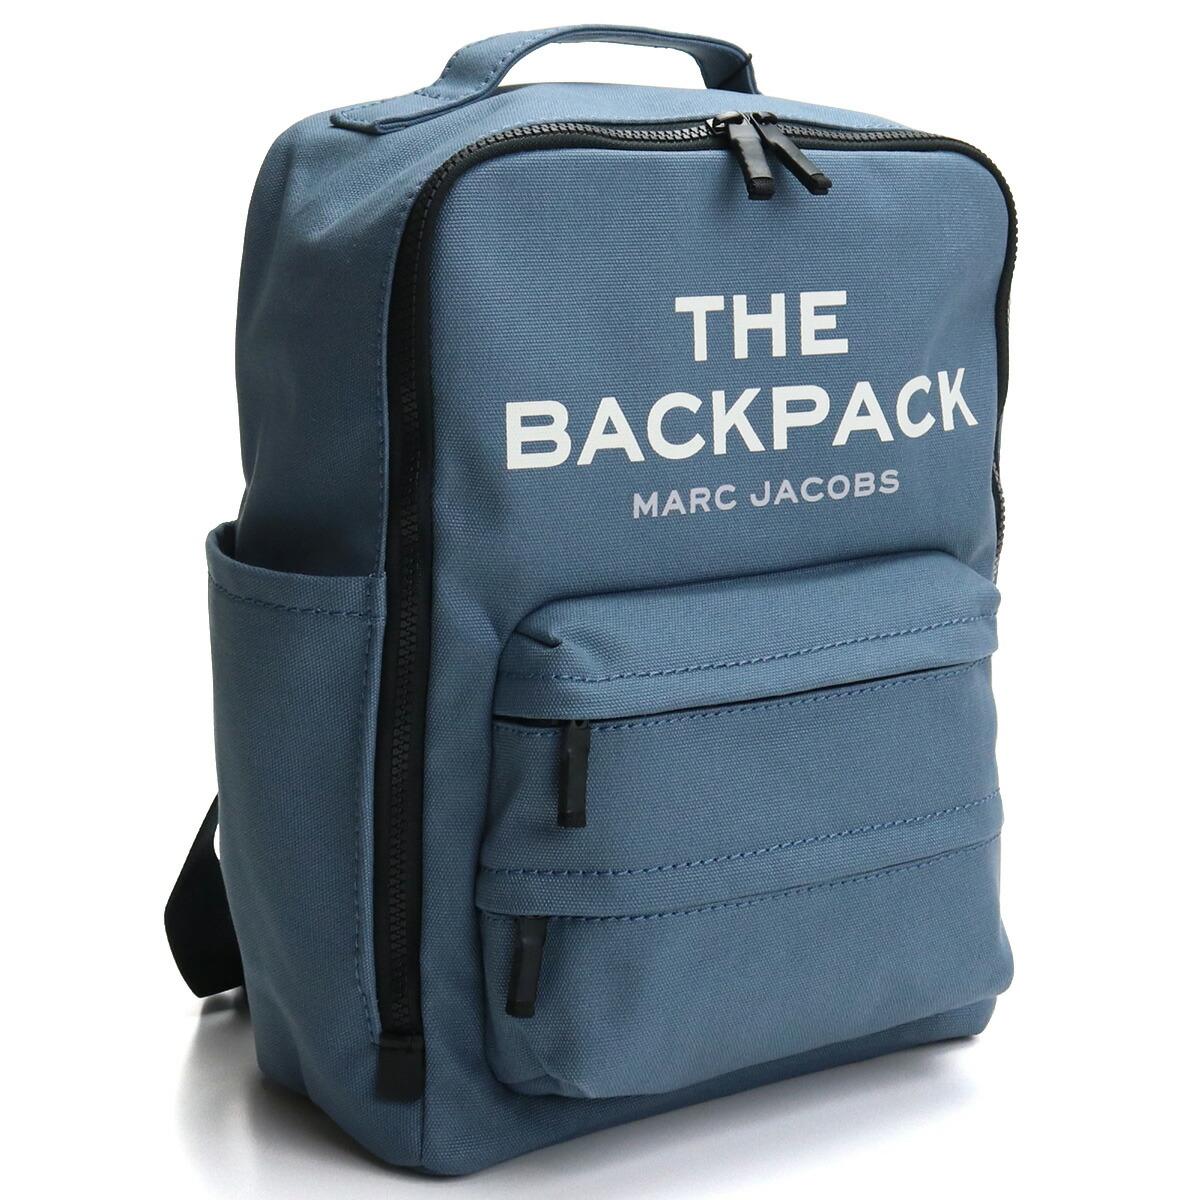 マーク・ジェイコブス MARC JACOBS  リュック ブランドバッグ バックパック H301M06SP21 481 BLUE SHADOW ブルー系 bag-01